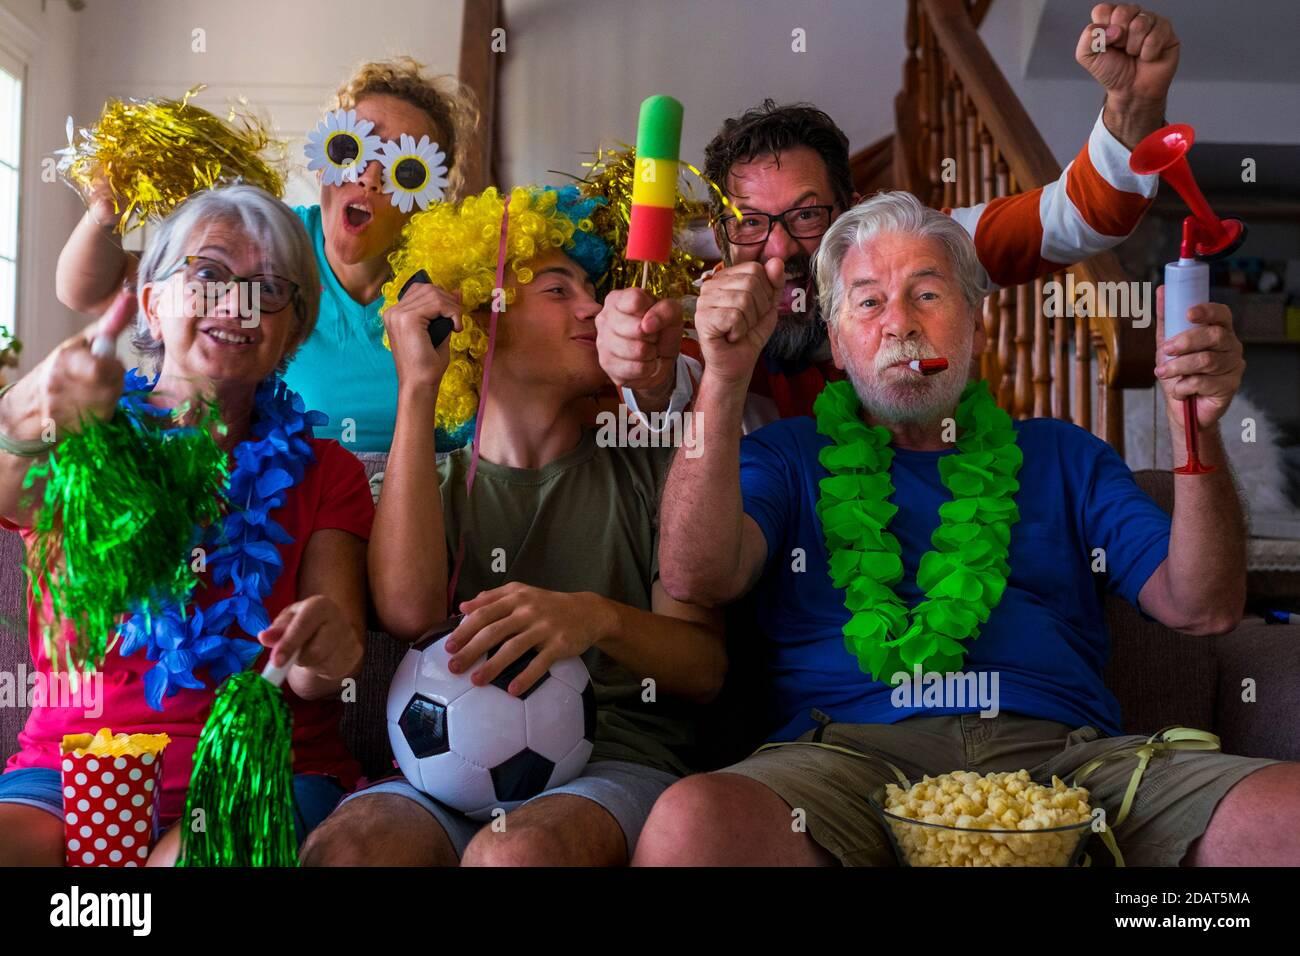 Gruppo di pazzi e colorati sostenitori del calcio festeggiano e esultano durante la partita - età miste della famiglia caucasica e gli amici godono di sport su Foto Stock